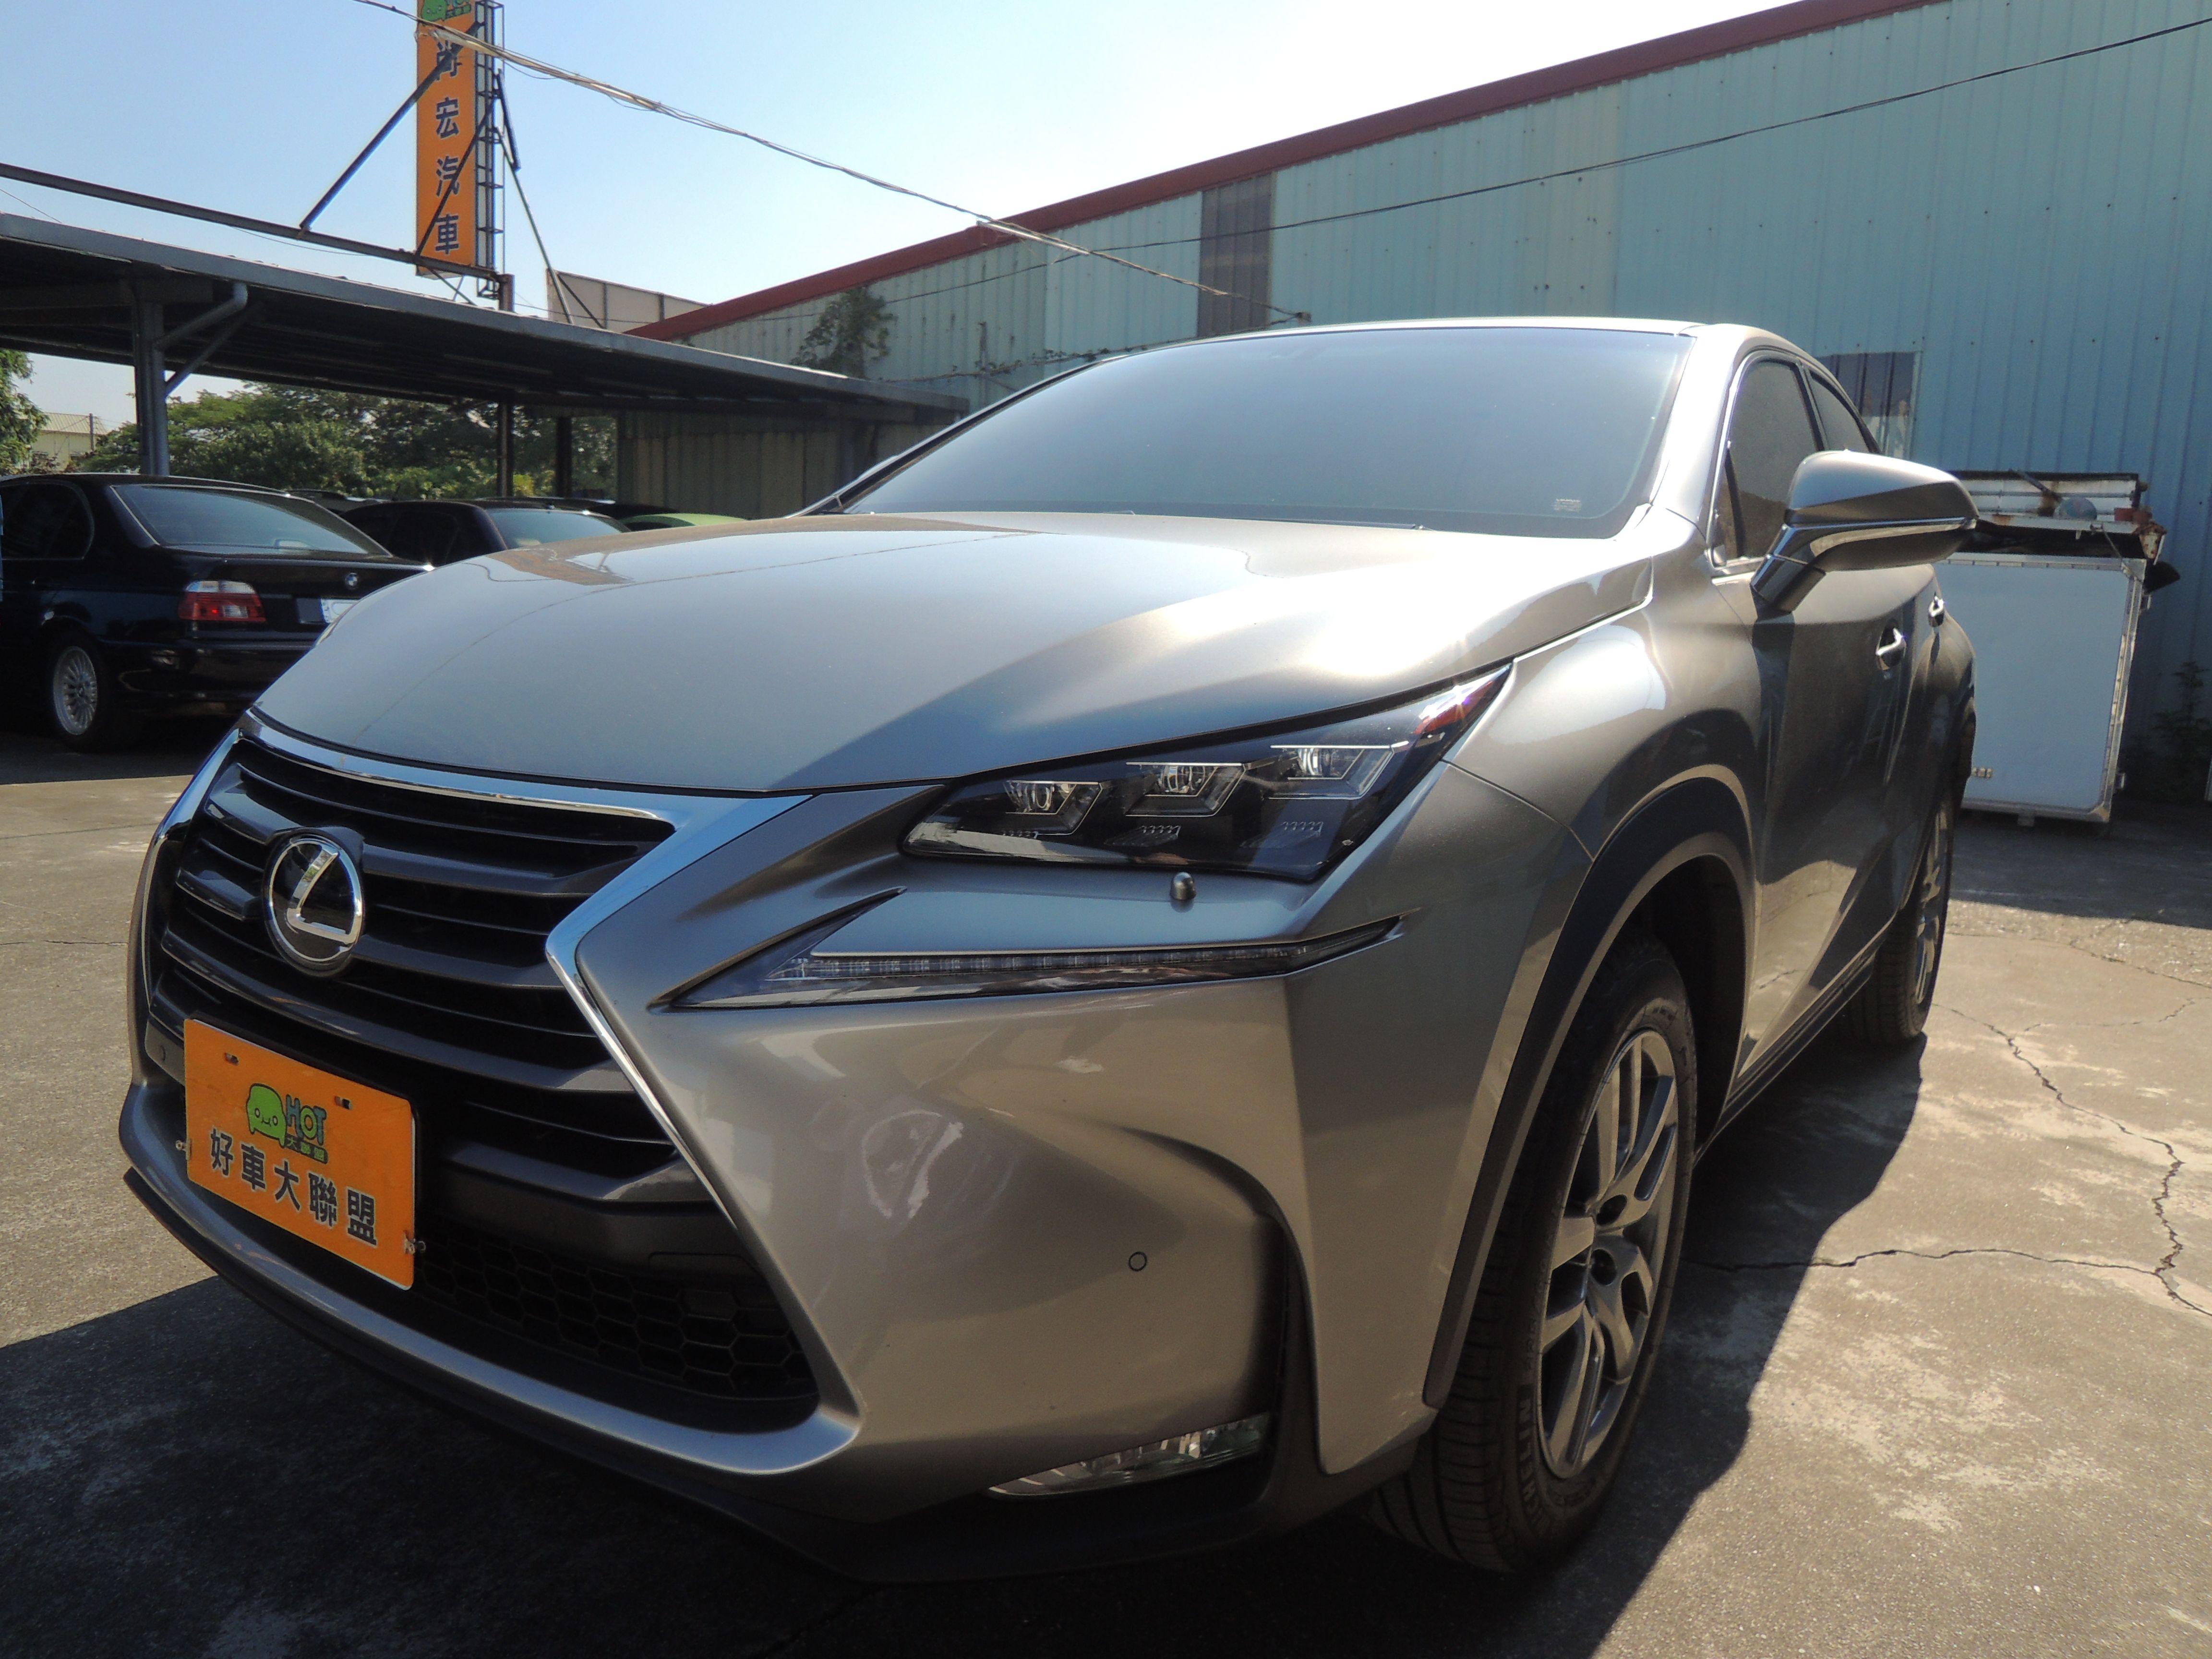 2016 Lexus 凌志 Nx